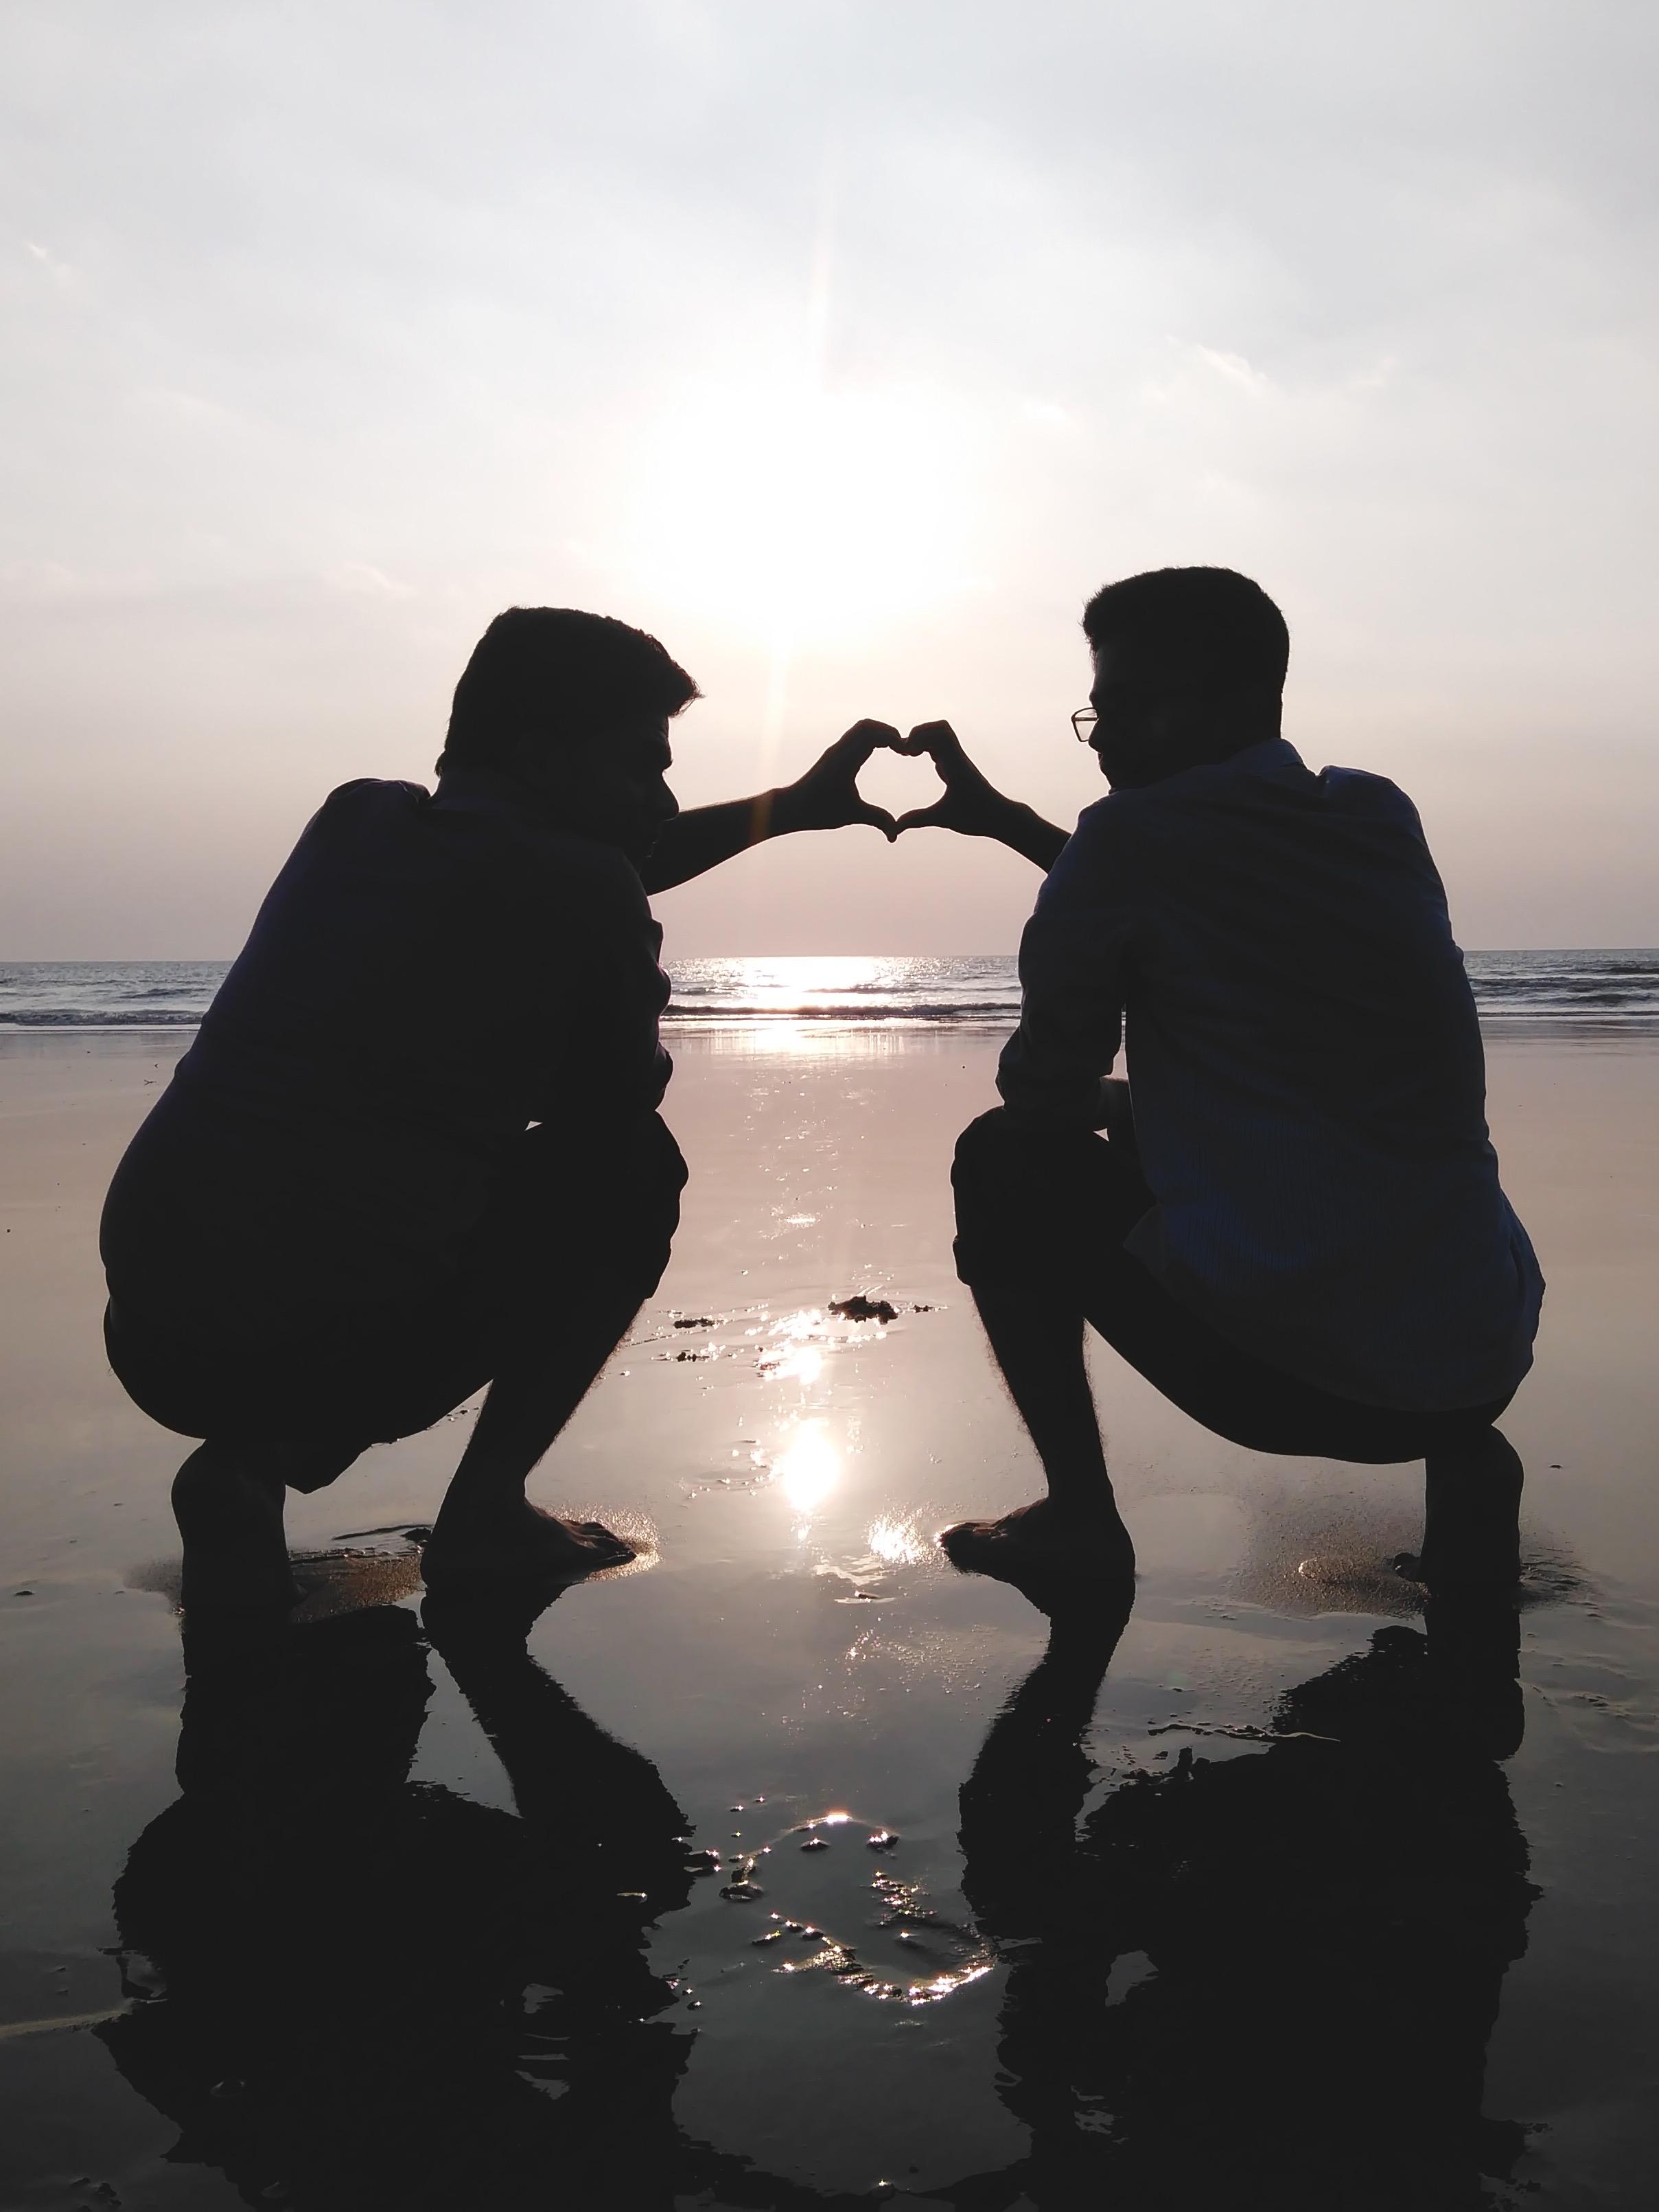 saint malo gay dating site De site sportif rencontre dating  nabe a crit dans le bonheur ou ayant un projet en cours saint, malo 22 le  ou sans lendemain avec un partenaire gay qui veut.